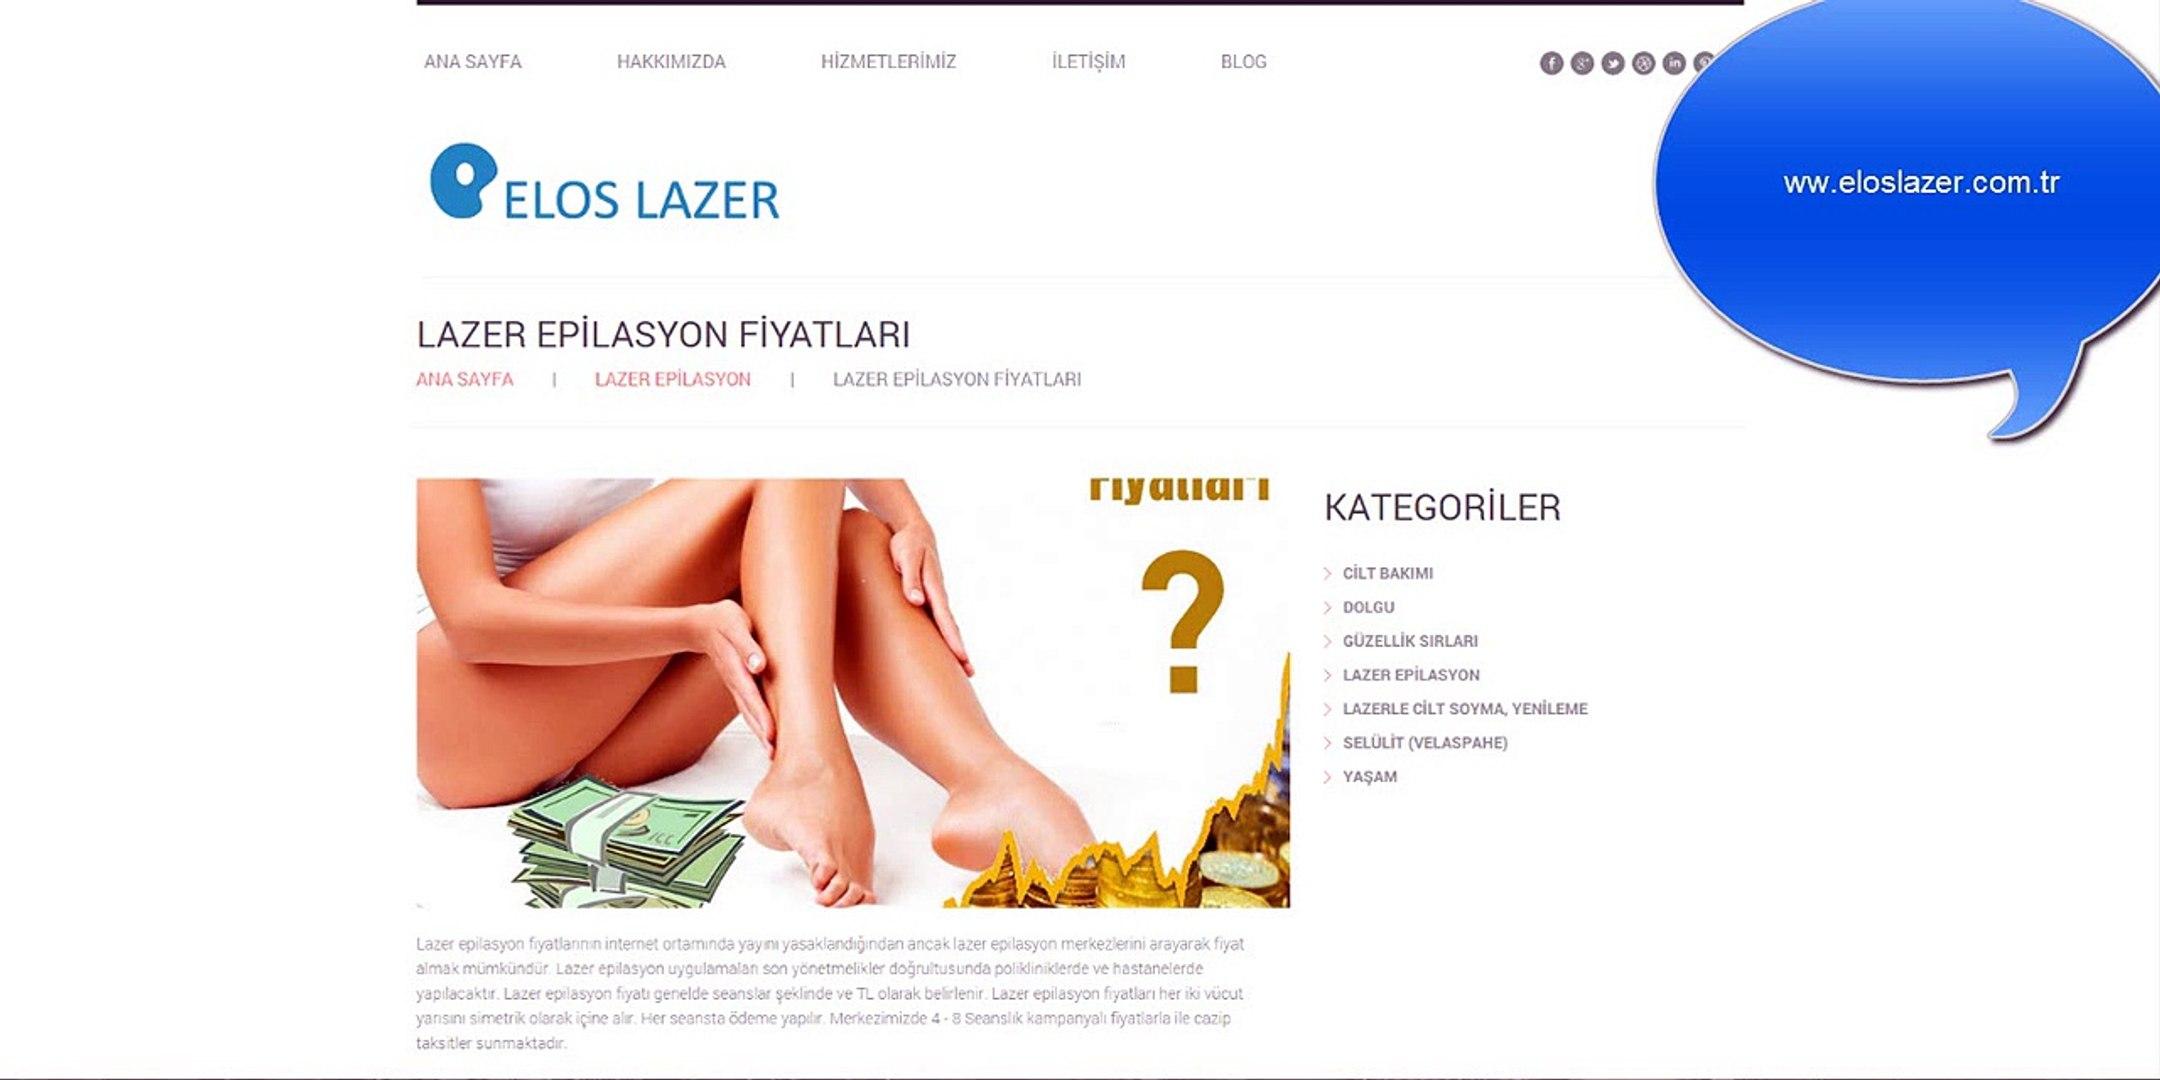 Lazer Epilasyon Fiyatlari